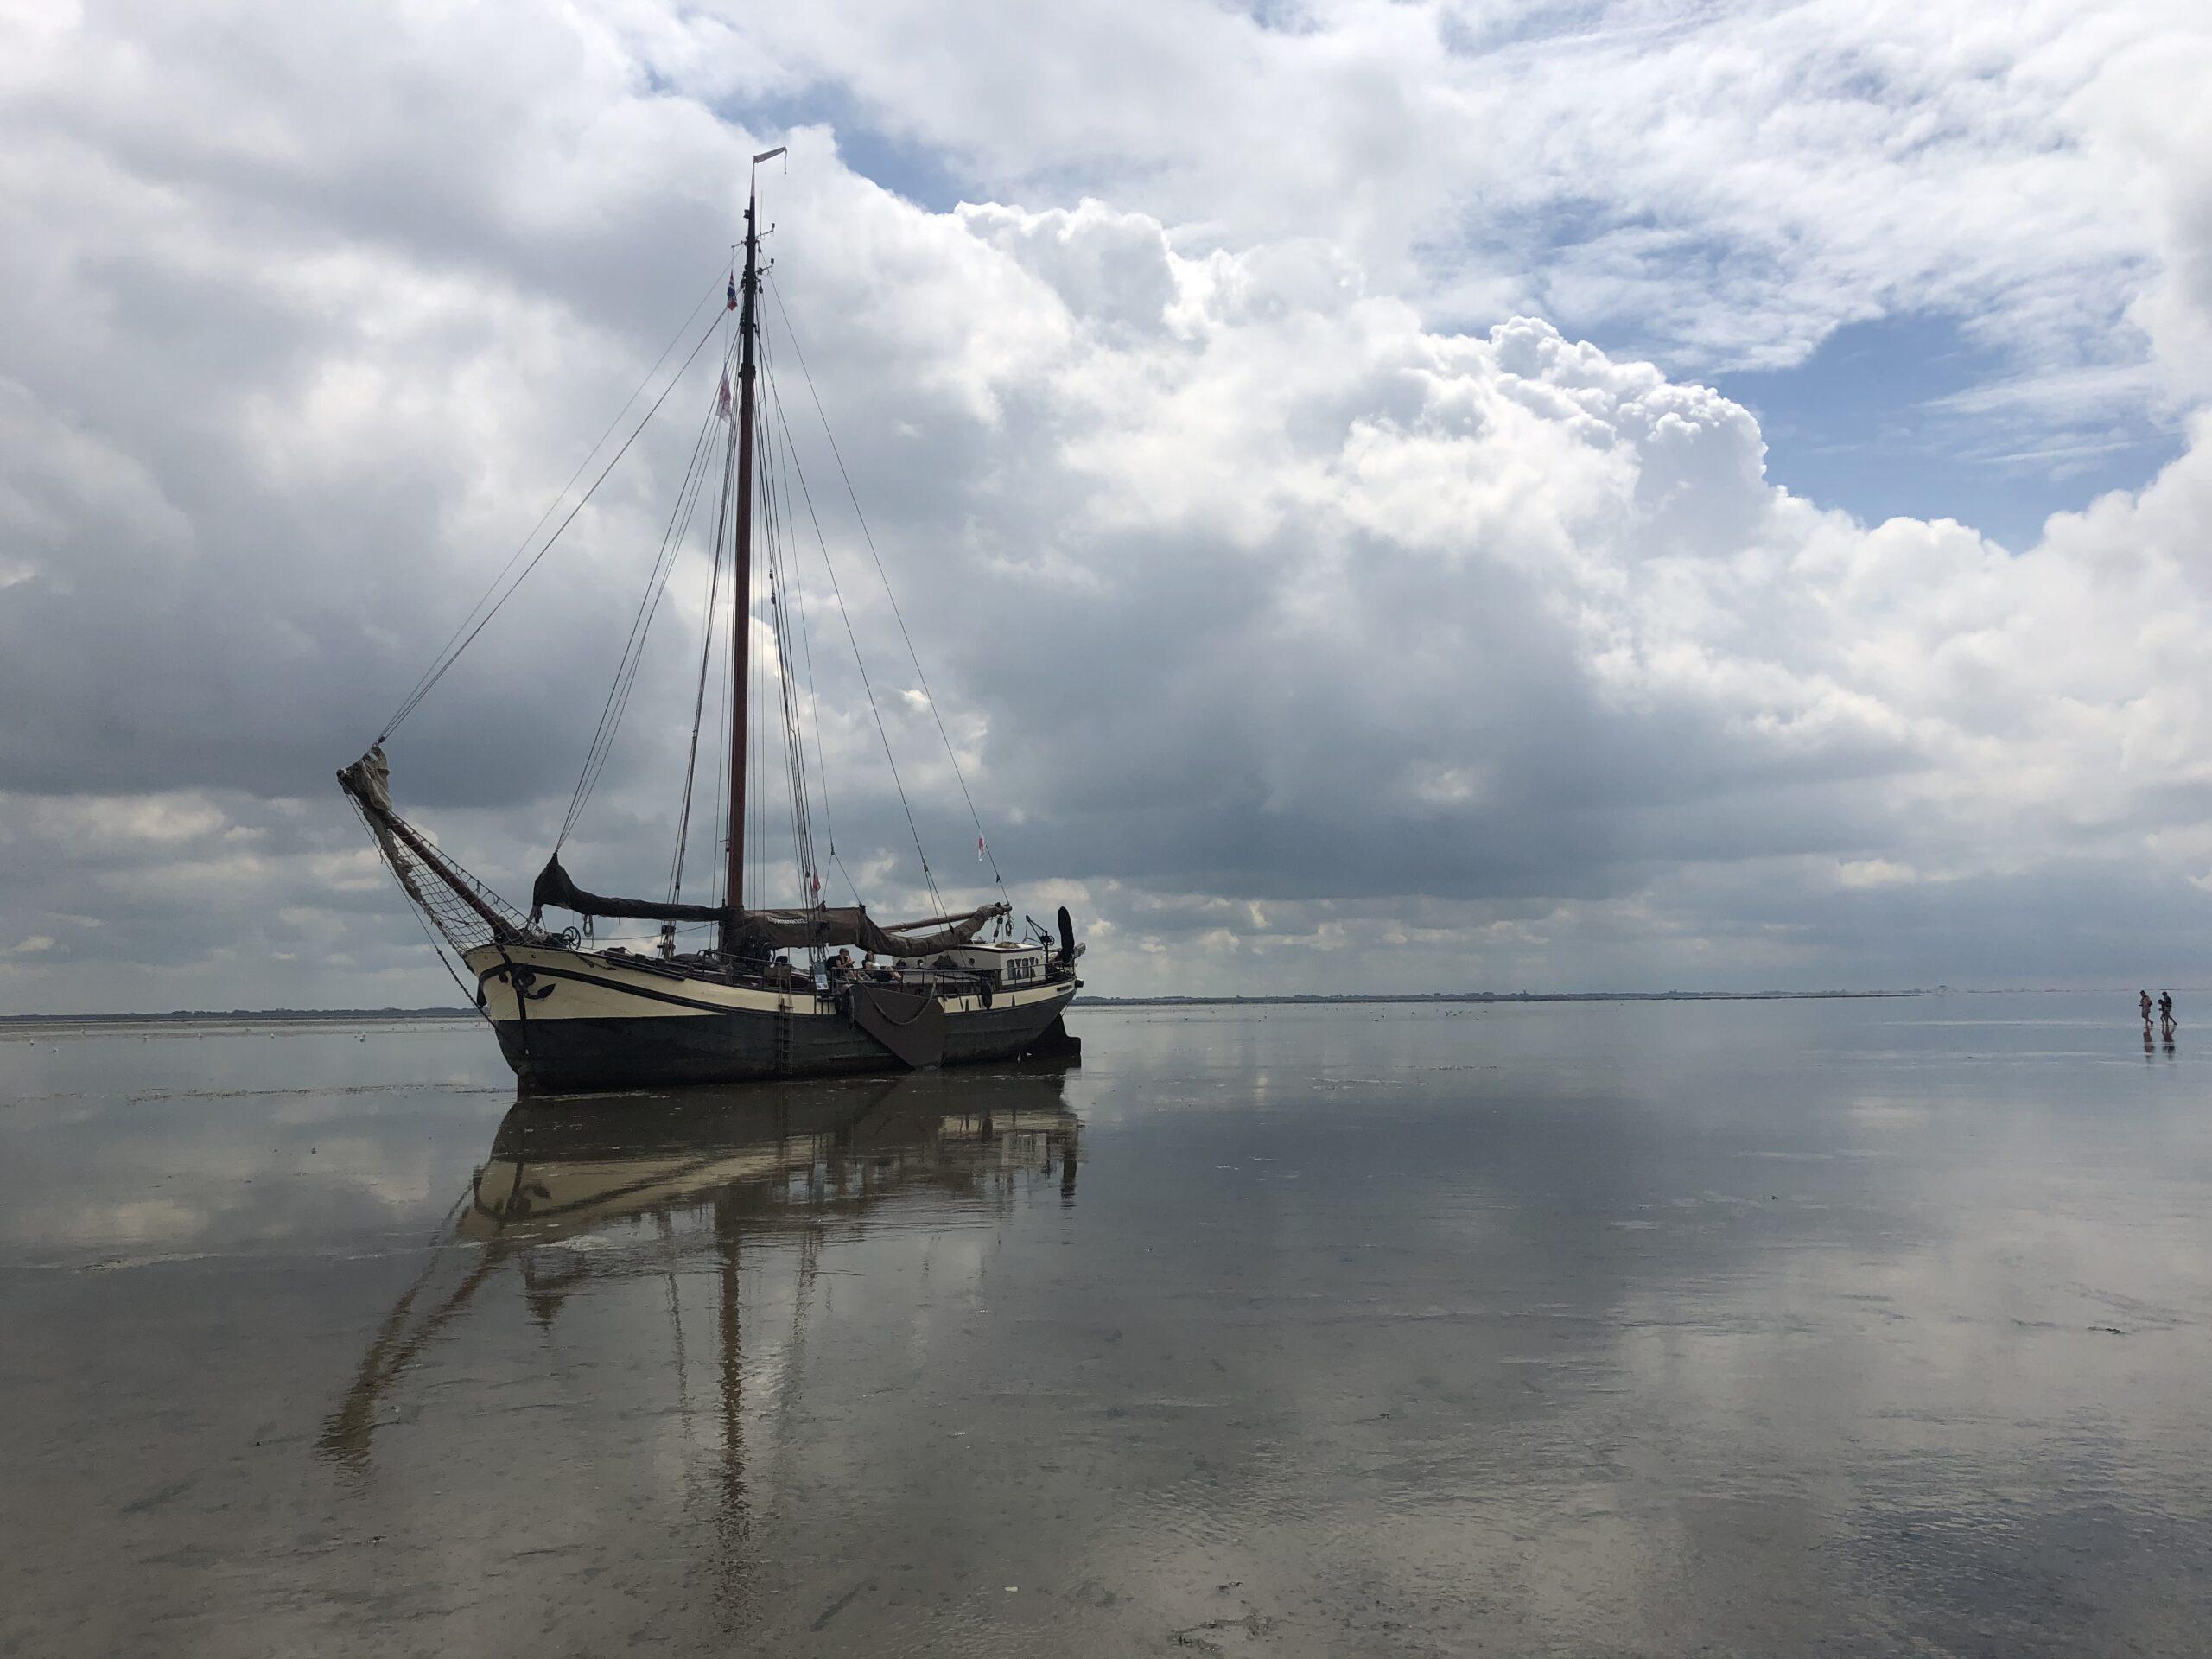 Klipper nova cura drooggevallen bij Schiermonnikoog Friesland tijdens zeiltocht oost wad